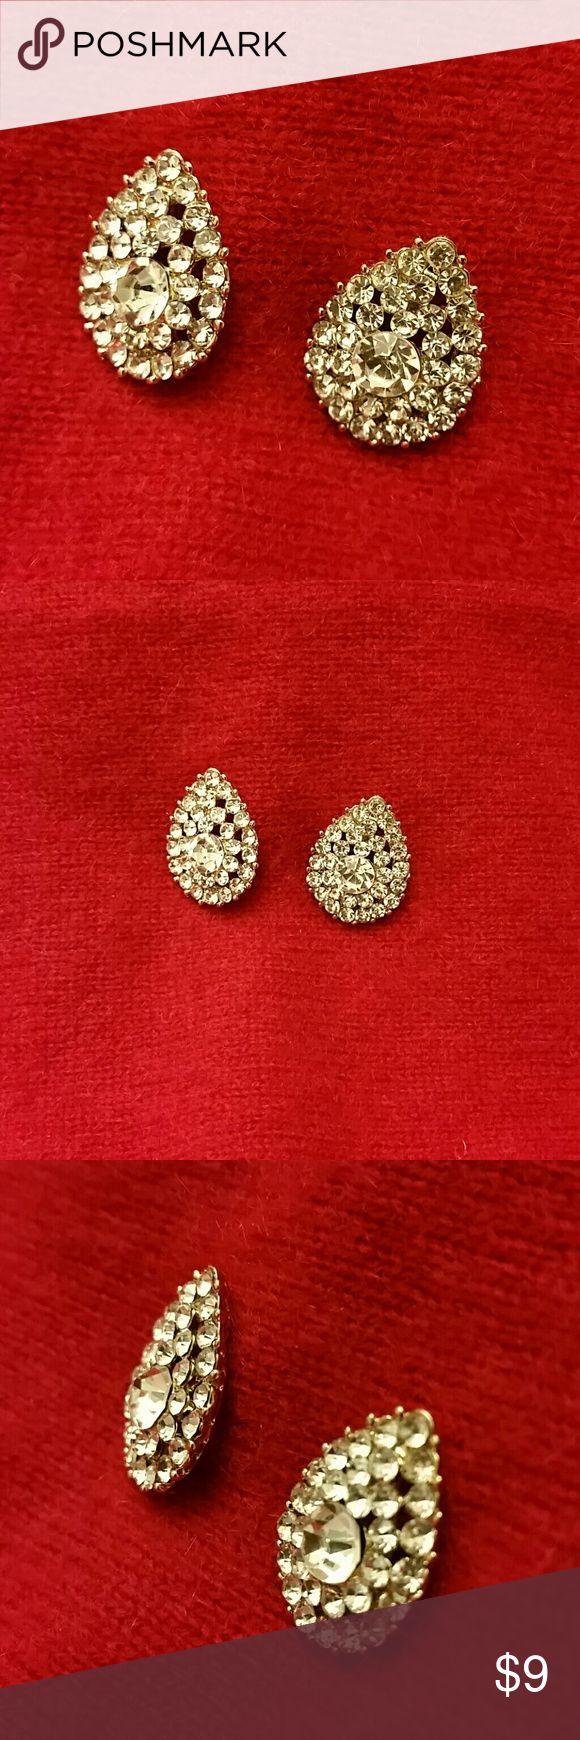 """Ellen Tracy earrings Beautiful gold tone/rhinestone earrings measure about 1/2""""'wide x 3/4"""" high. NEVER WORN...NWOT Ellen Tracy Jewelry Earrings"""